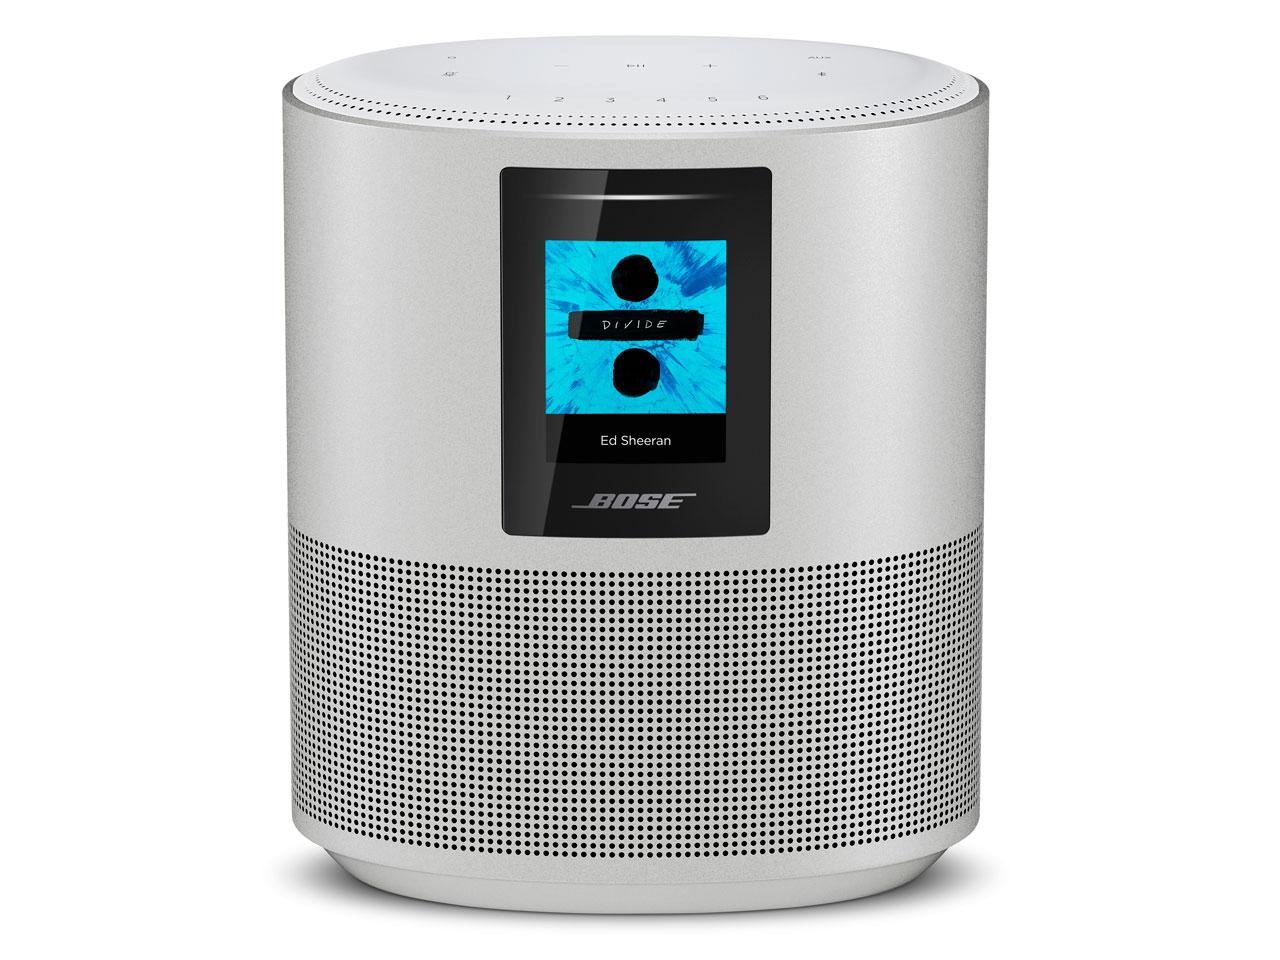 Bose Home Speaker 500 [ラックスシルバー] の製品画像